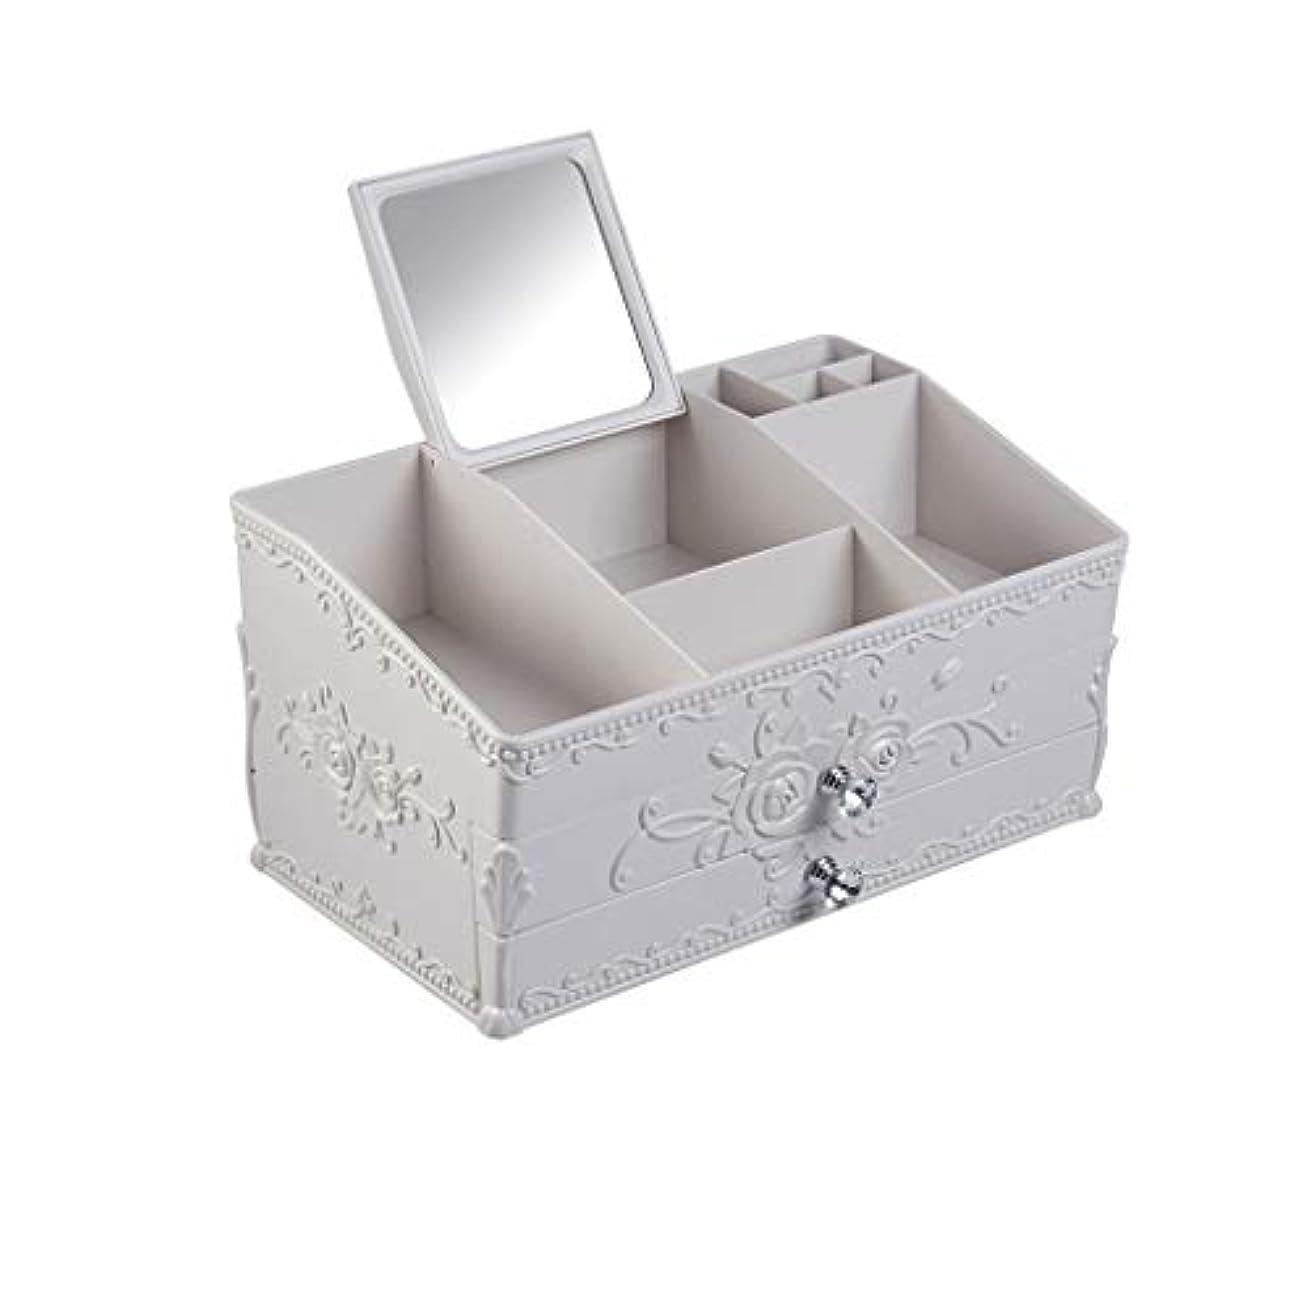 情熱ヒント下品ドレッシングテーブルデスクトップスキンケア収納ボックス寮プラスチックラック (Color : B)